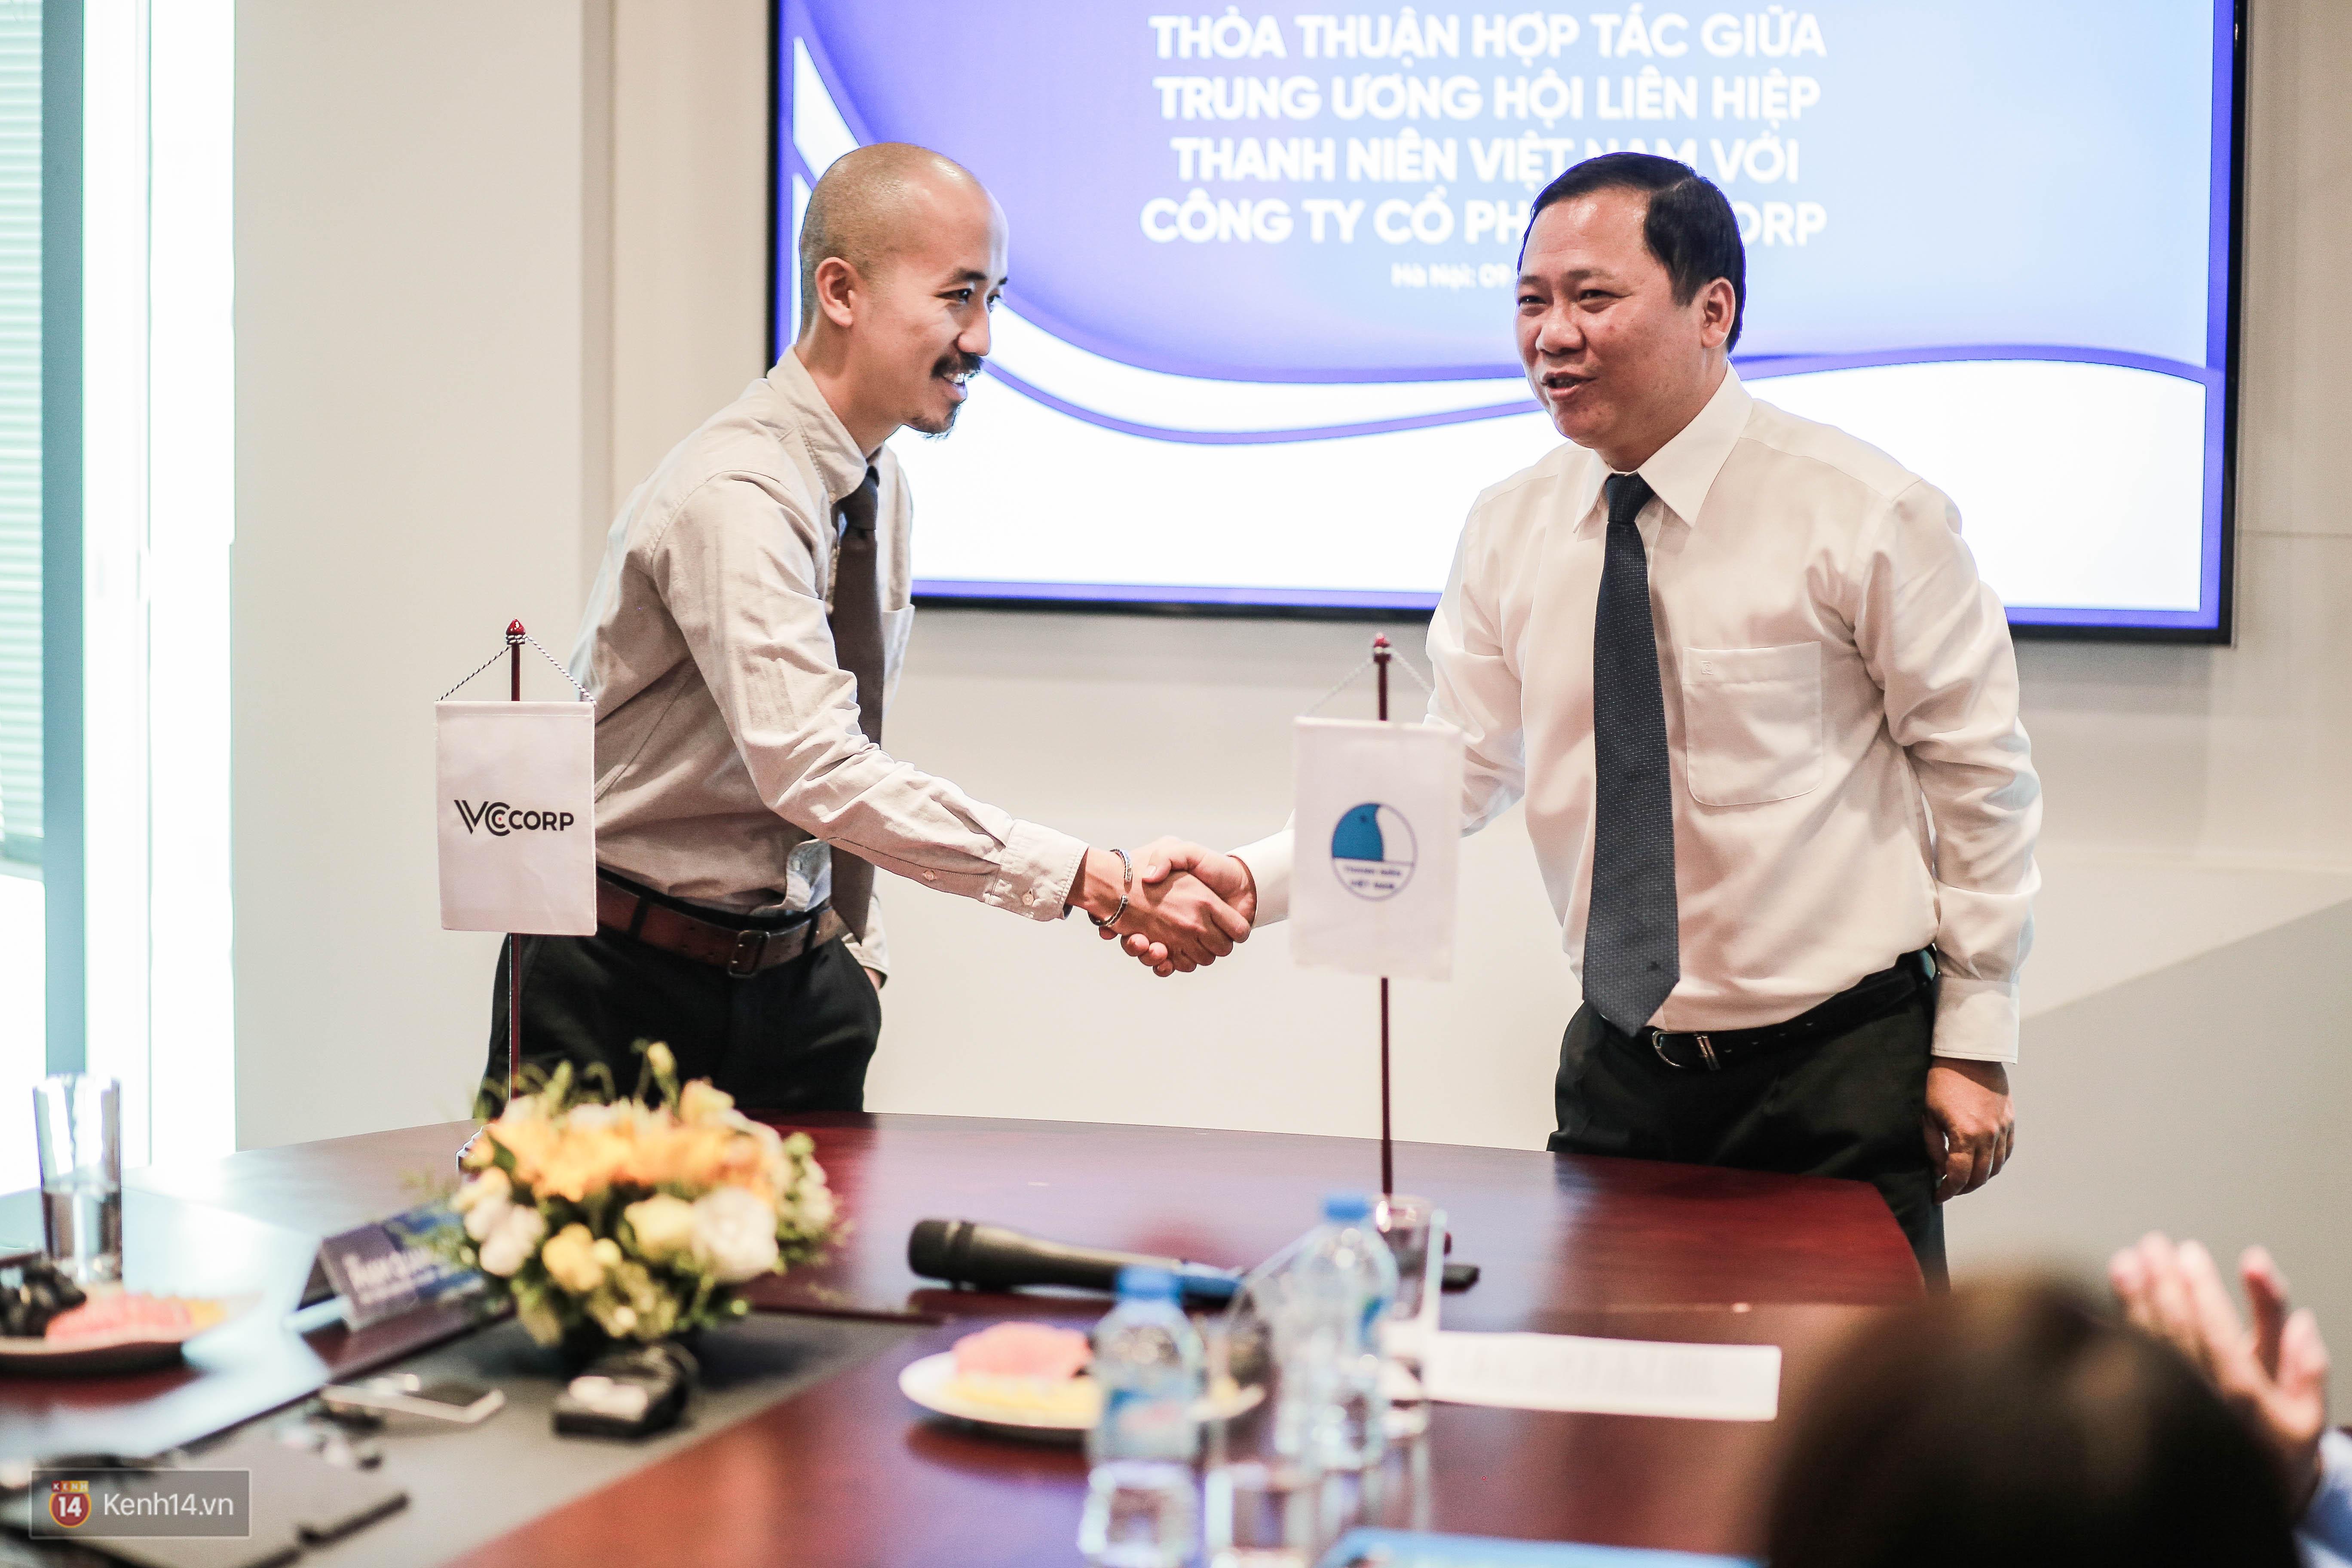 Lễ ký kết thỏa thuận hợp tác giữa TW Hội Liên hiệp Thanh niên Việt Nam và Công ty CP VCCorp - Ảnh 8.